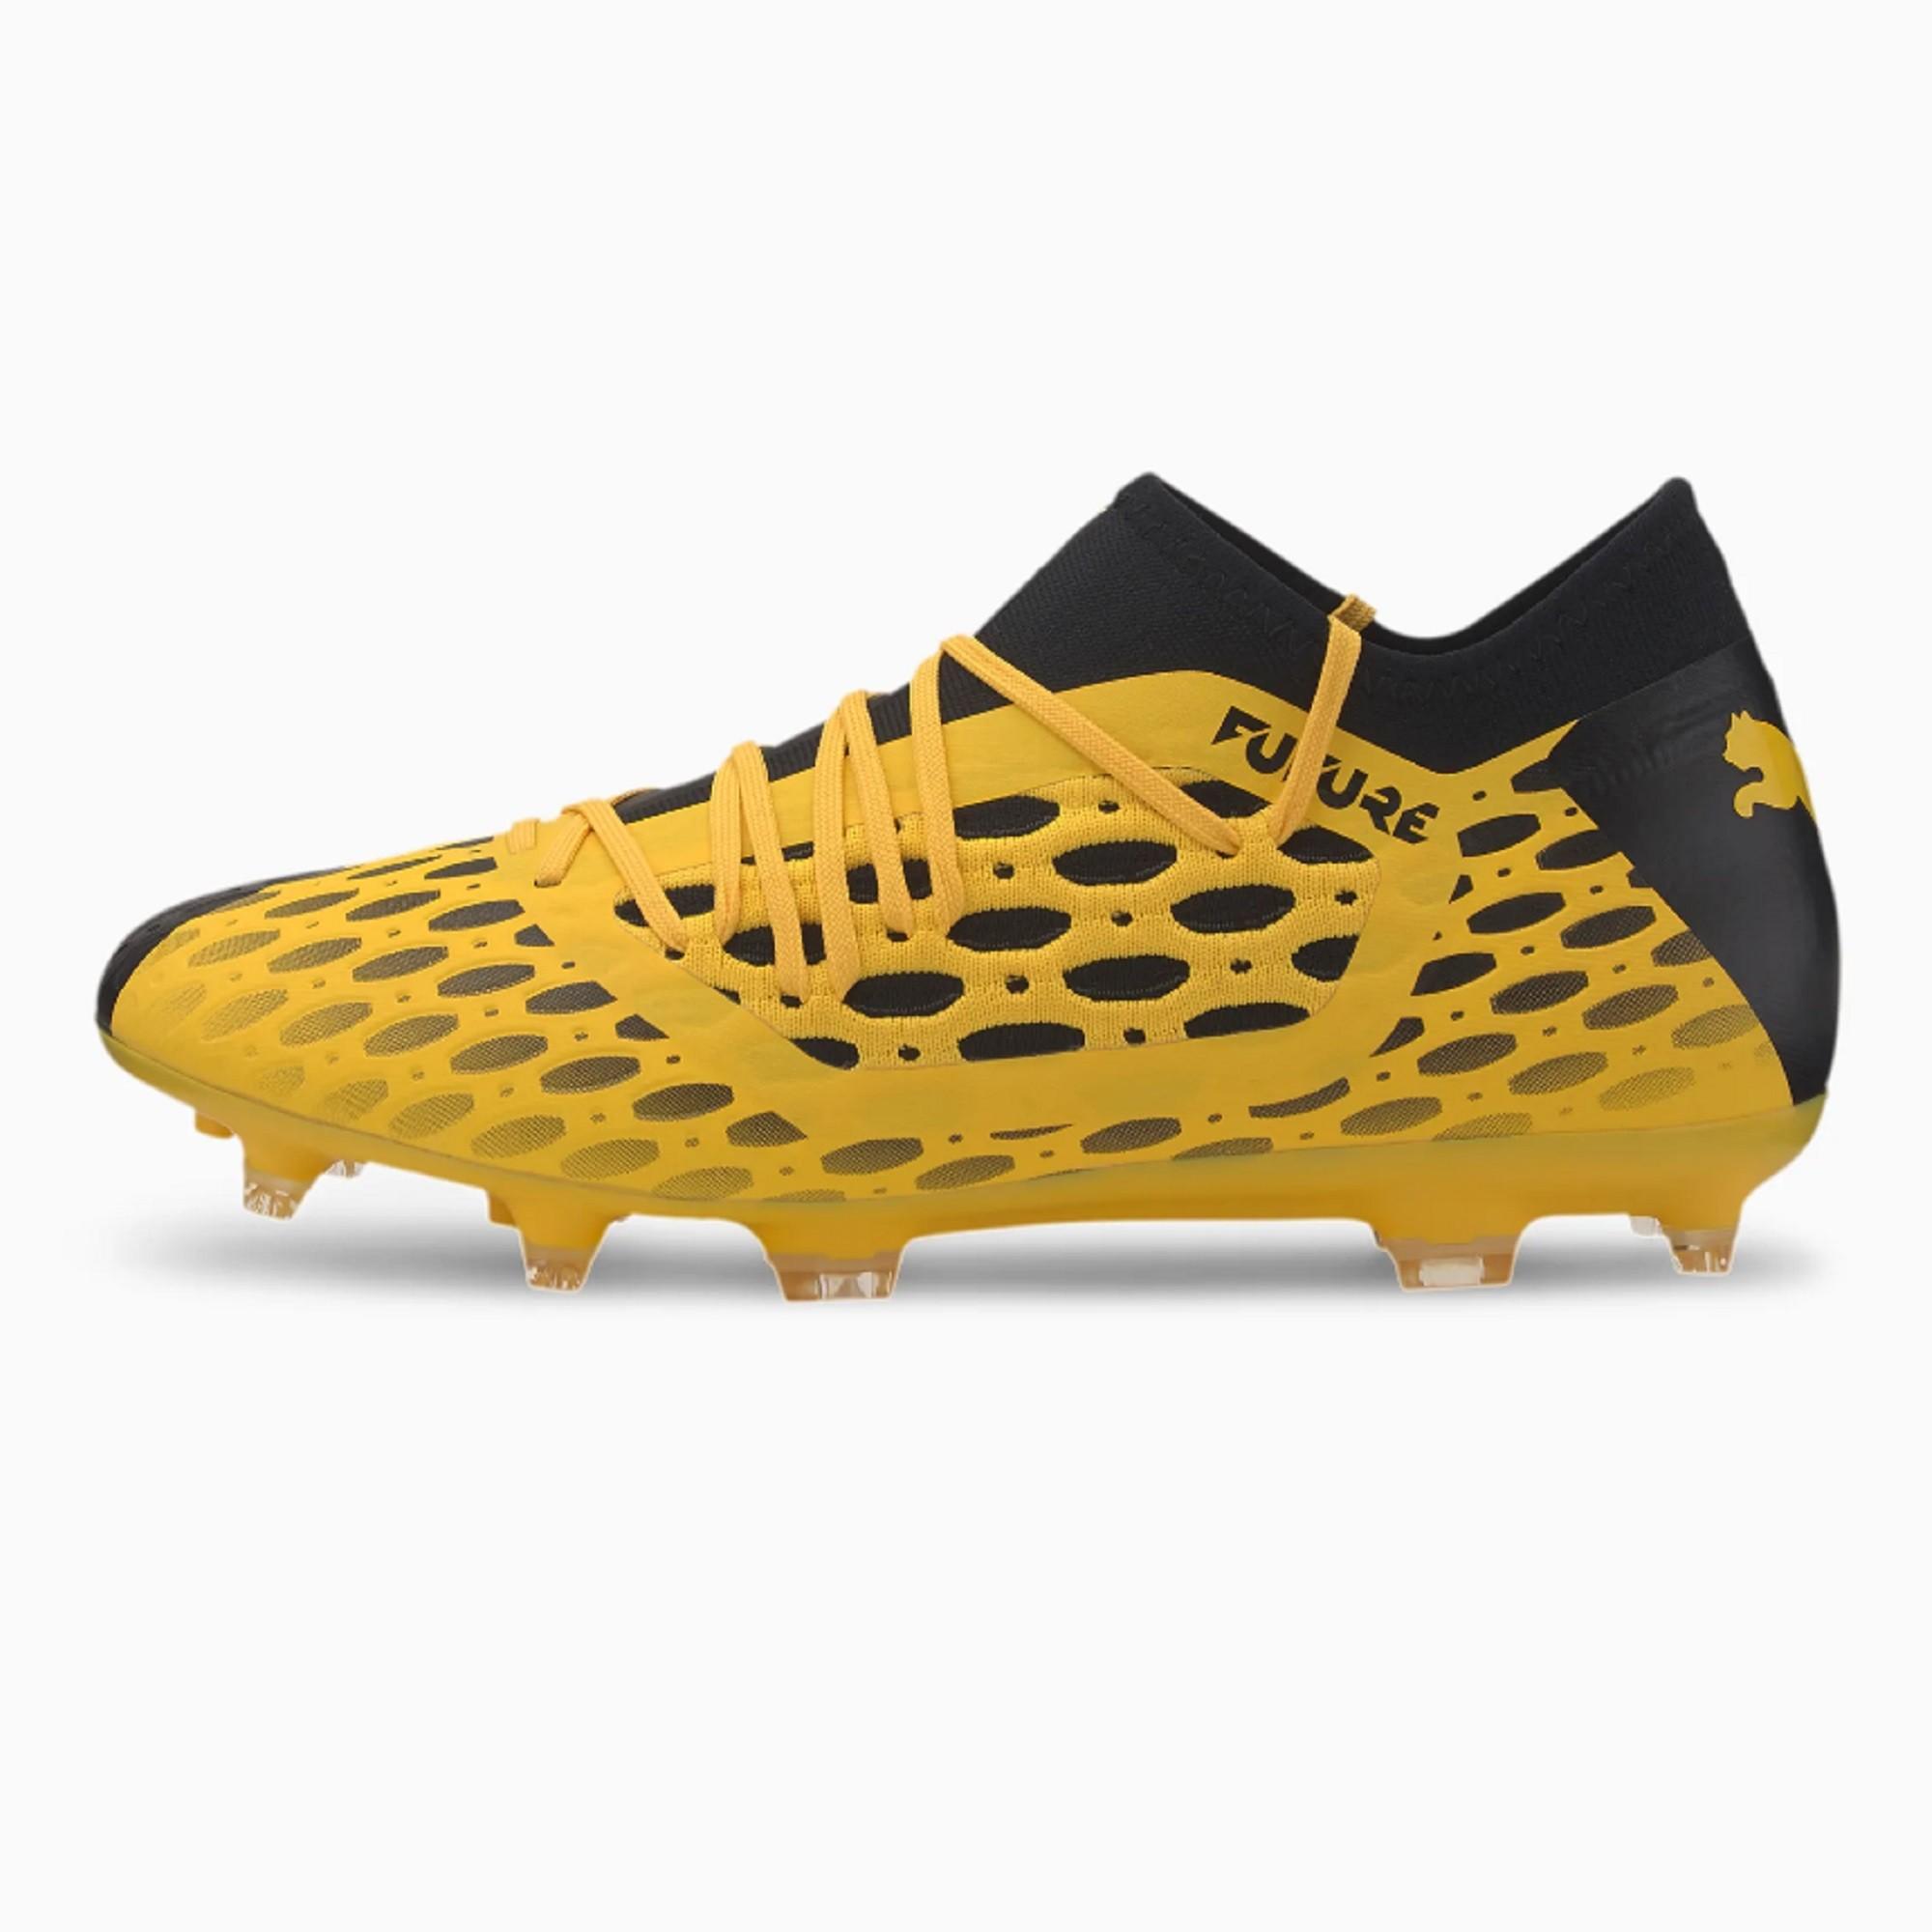 Bota Fútbol Puma Future 5.3 FG/AG 105756 03 - Deportes Manzanedo